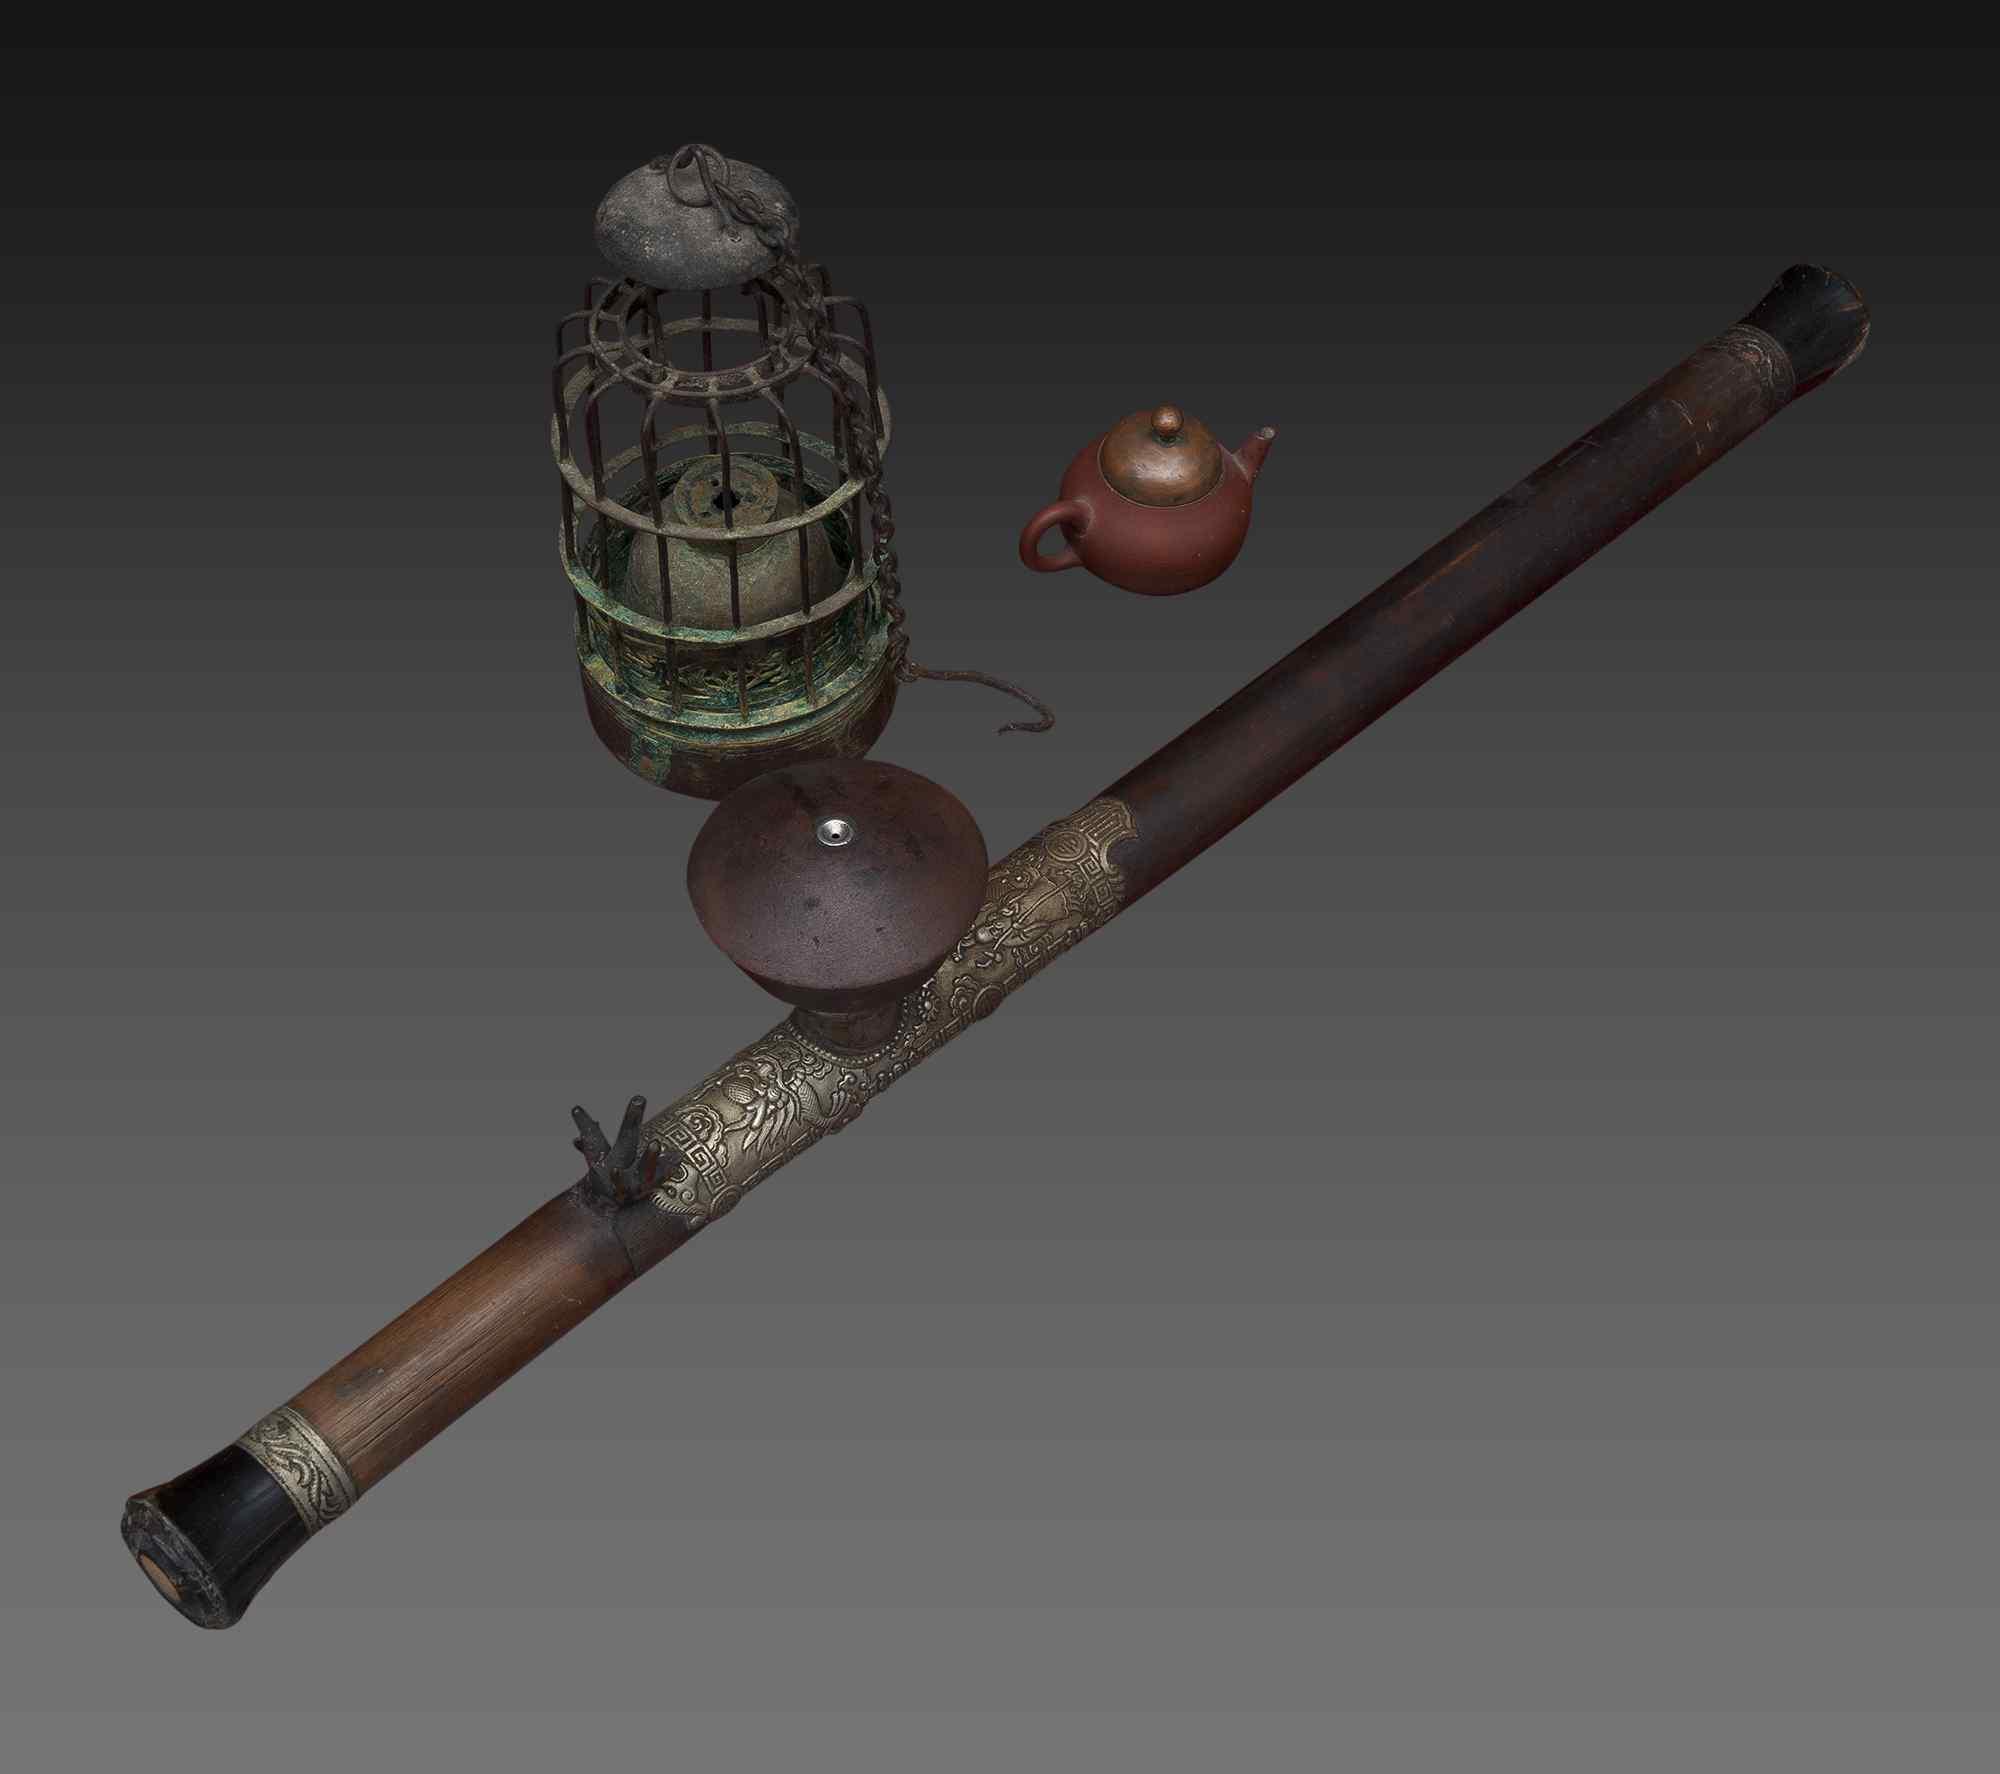 Antica pipa da oppio, XIX secolo, Vietnam